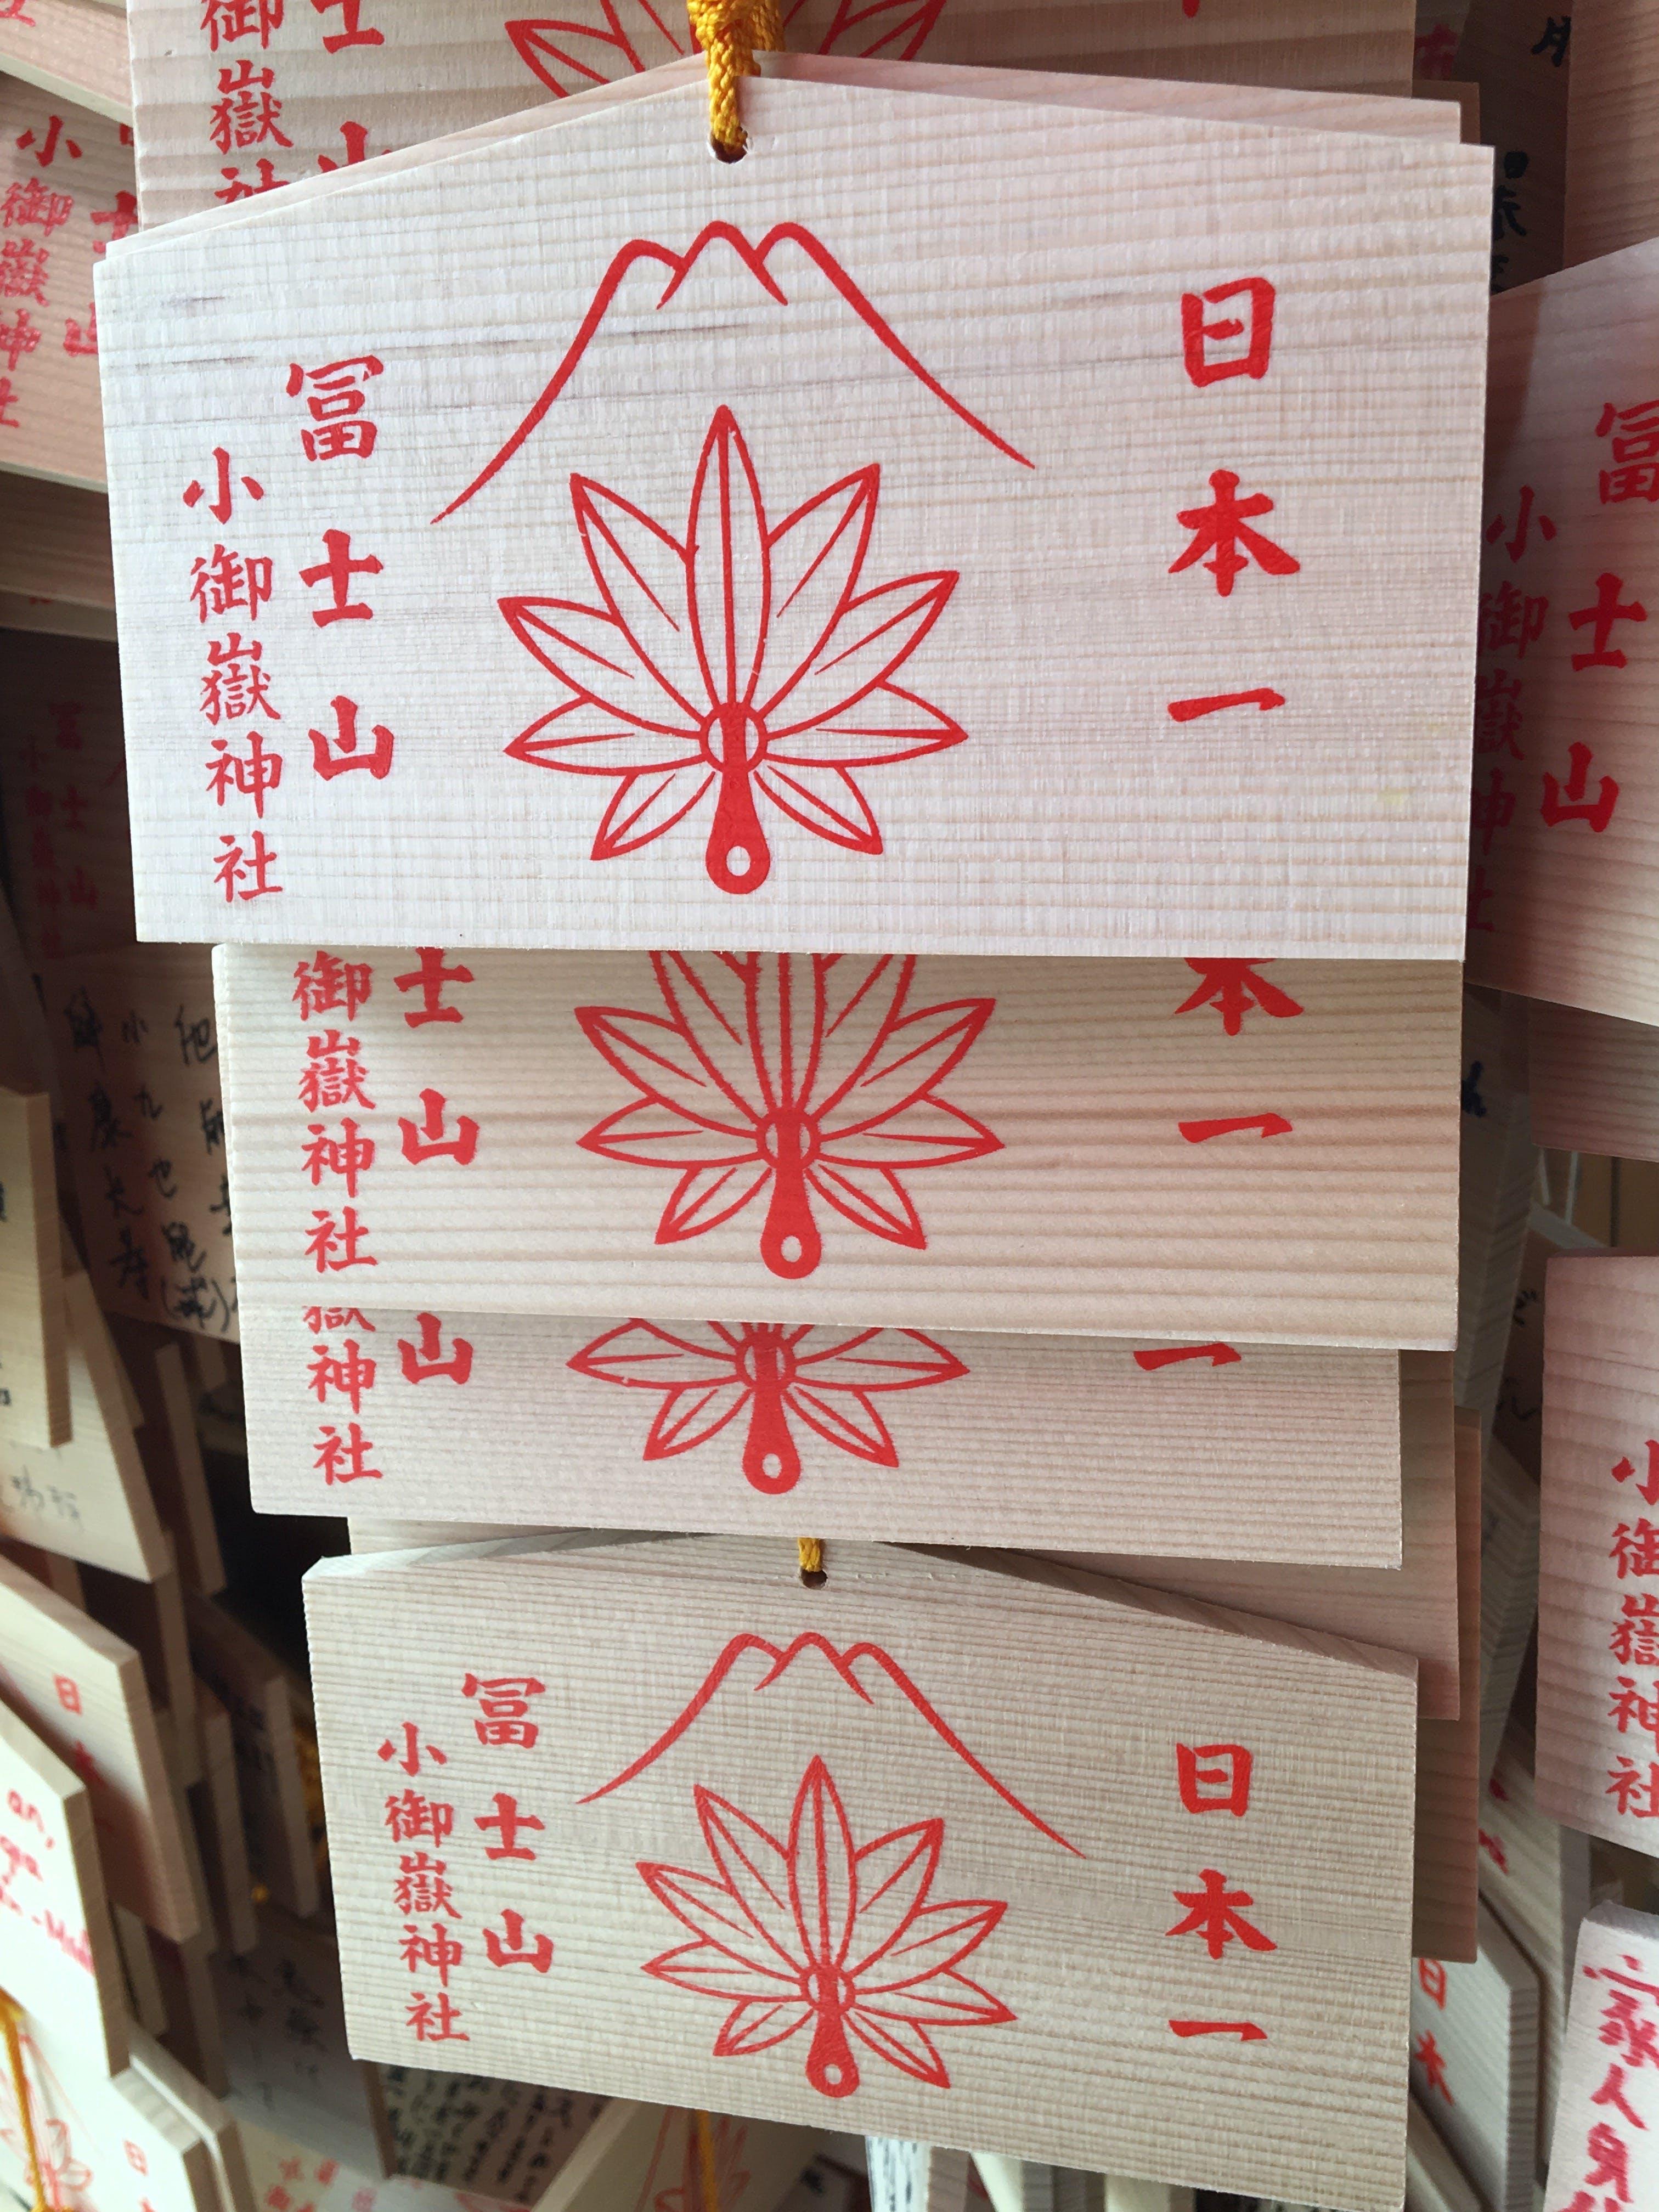 Δωρεάν στοκ φωτογραφιών με ema, fuji, fuji shinto shrine, fuji πέμπτο επίπεδο